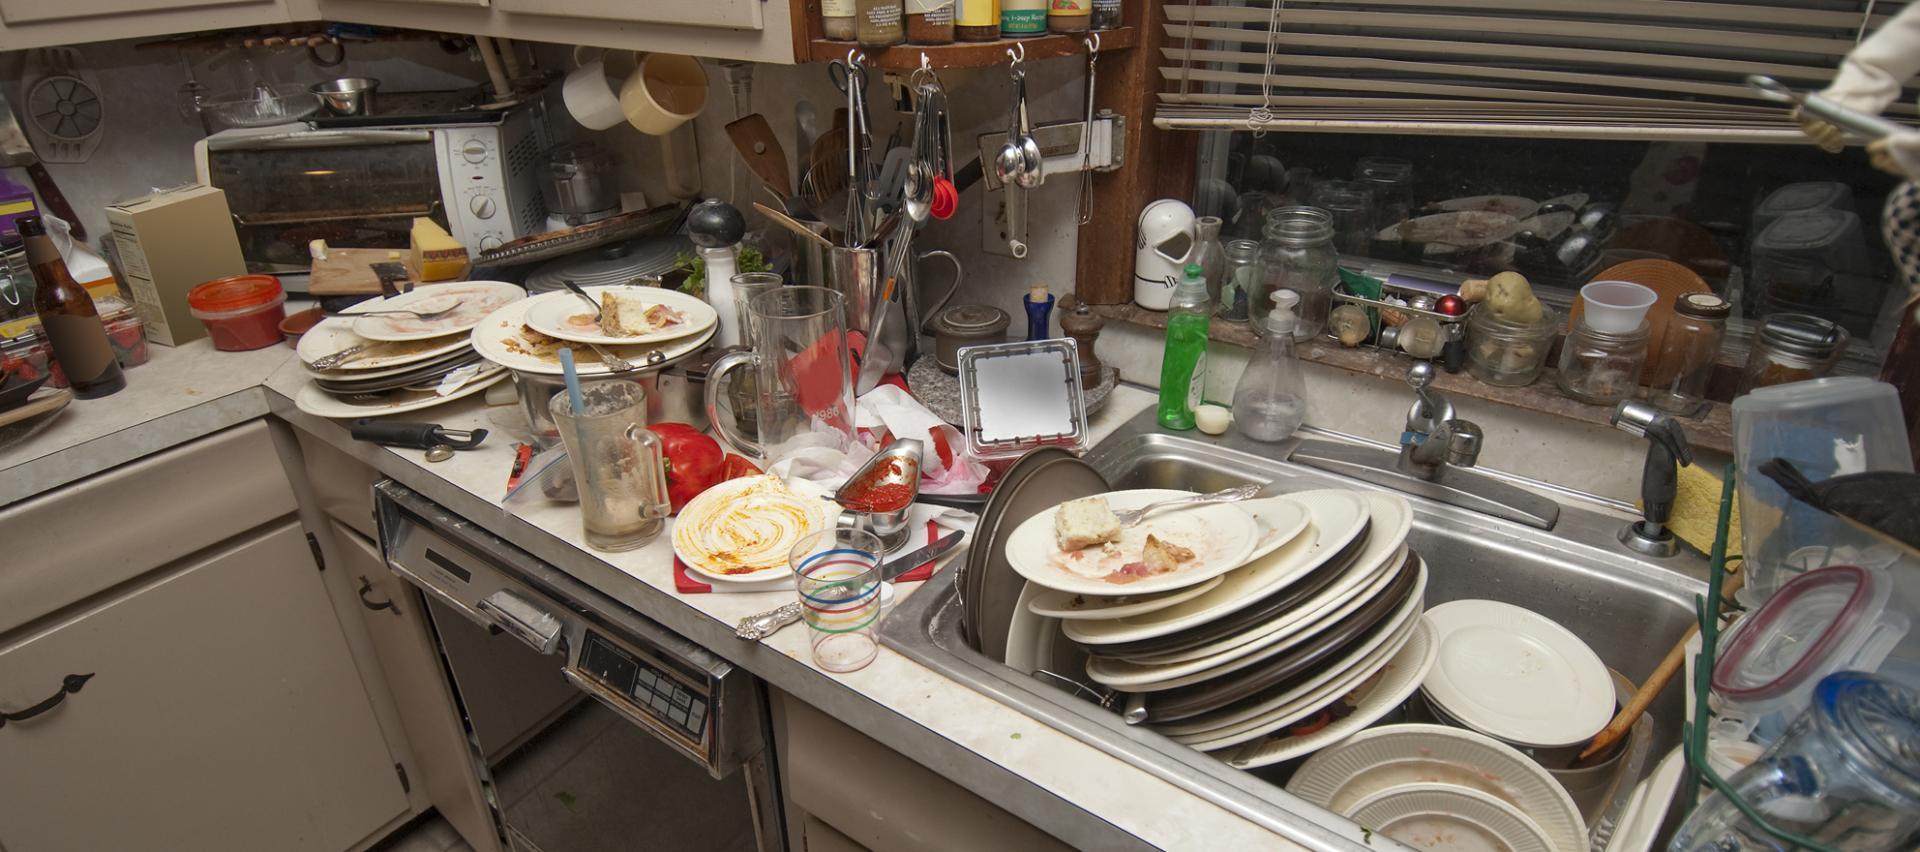 силы гора посуды картинки смешные рамка может иметь